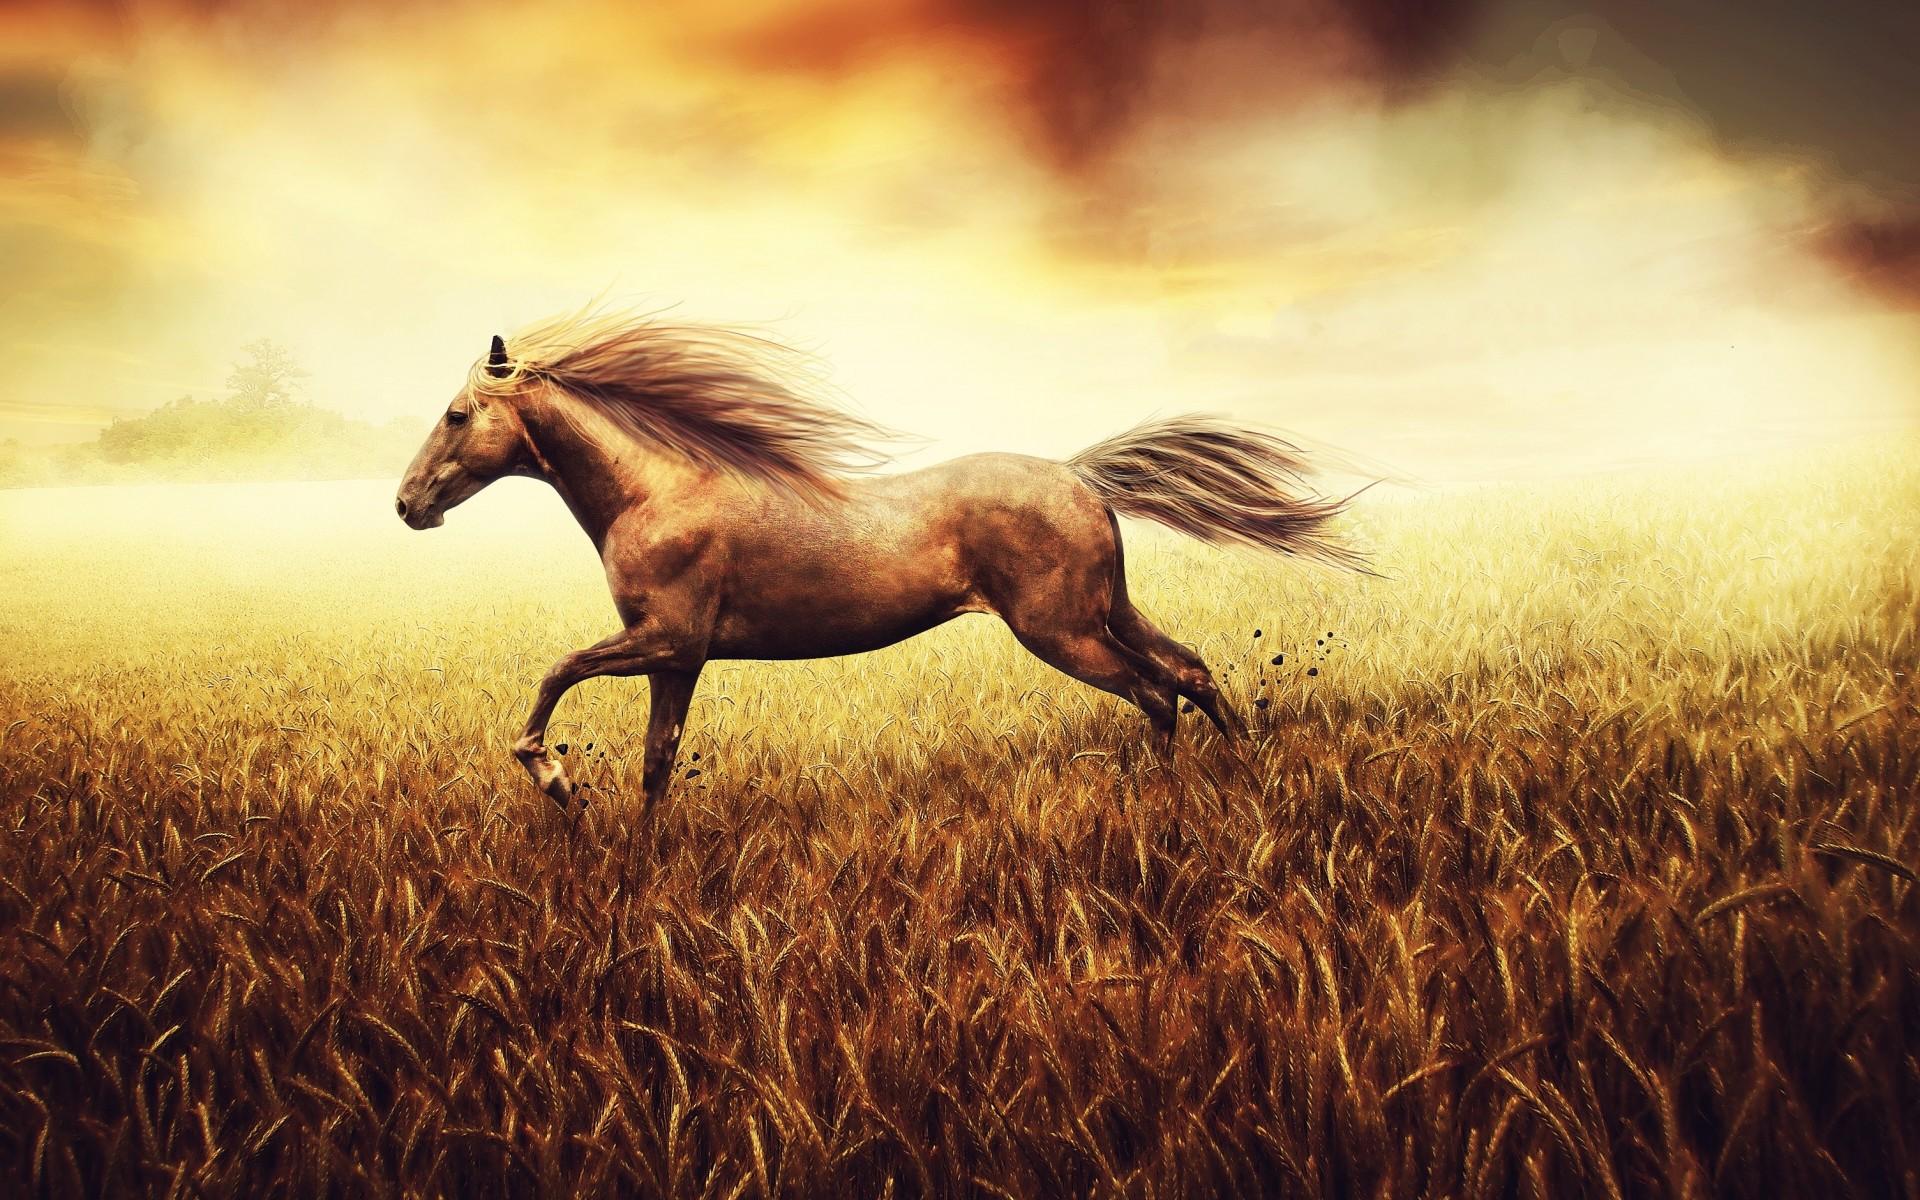 рисунок графика лошадь природа животные figure graphics horse nature animals  № 3925568 загрузить